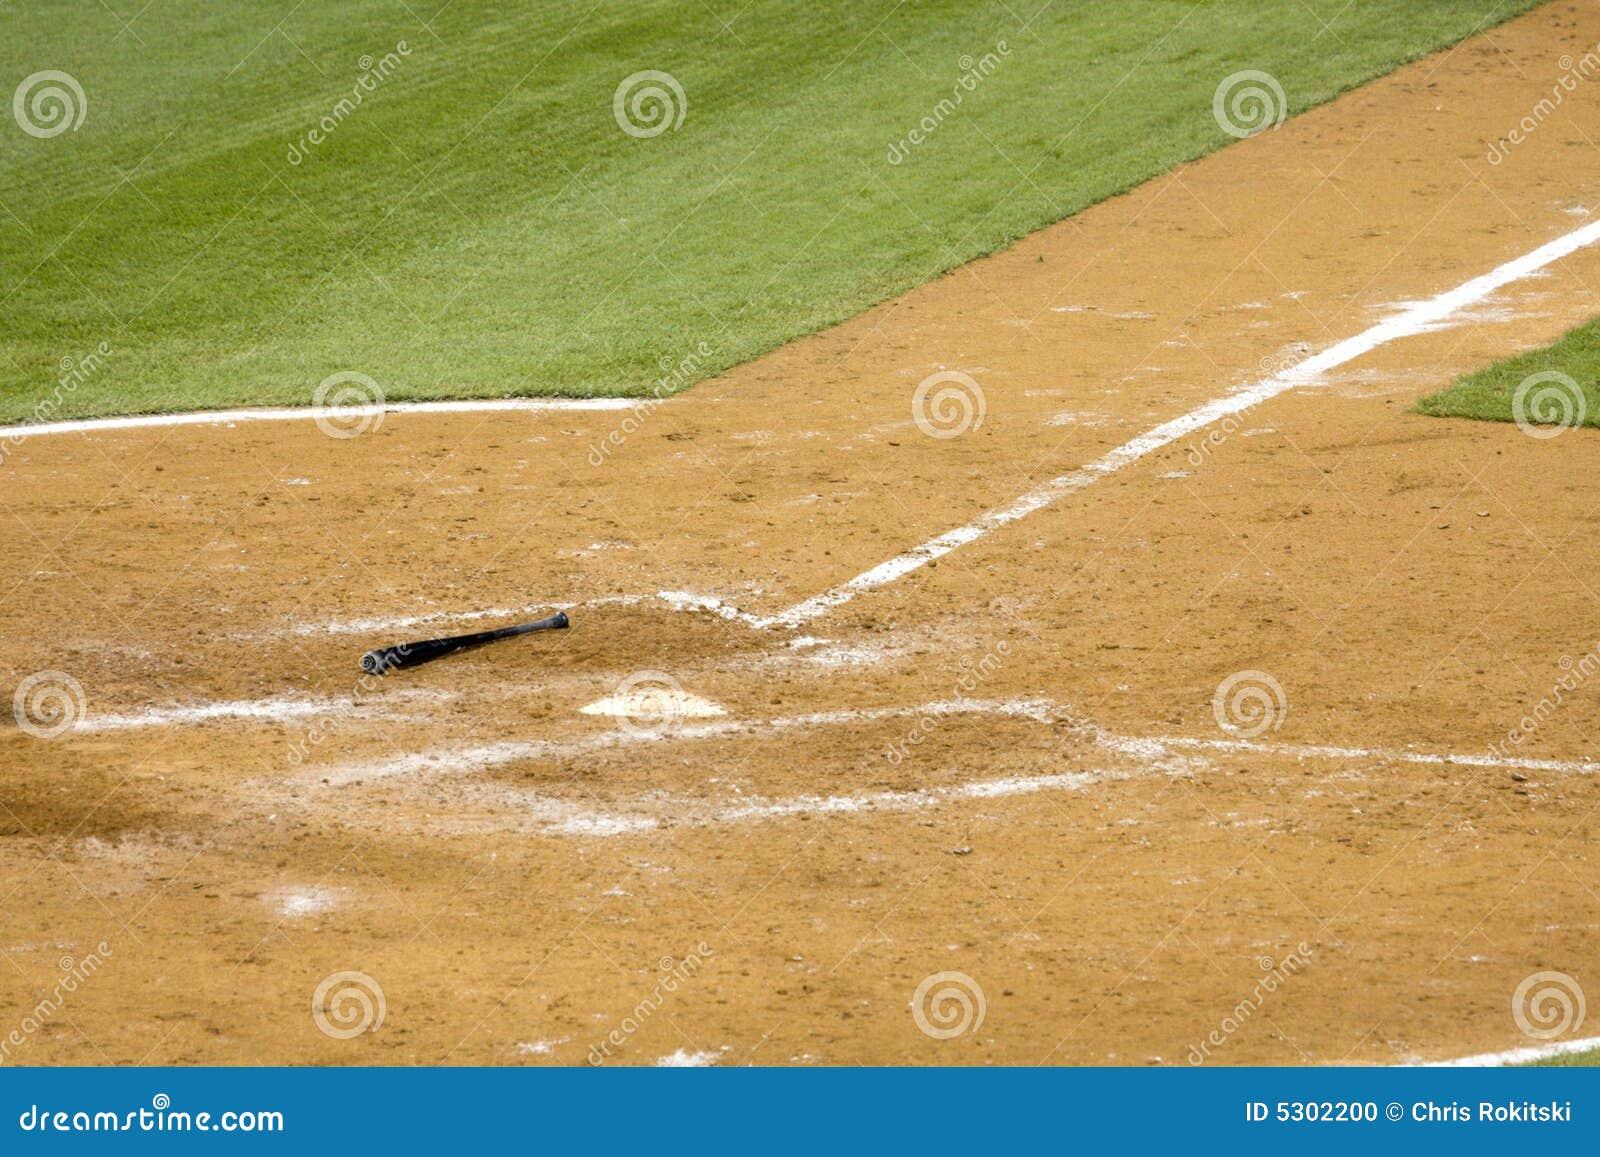 Download Mazza da baseball su terra fotografia stock. Immagine di blocco - 5302200